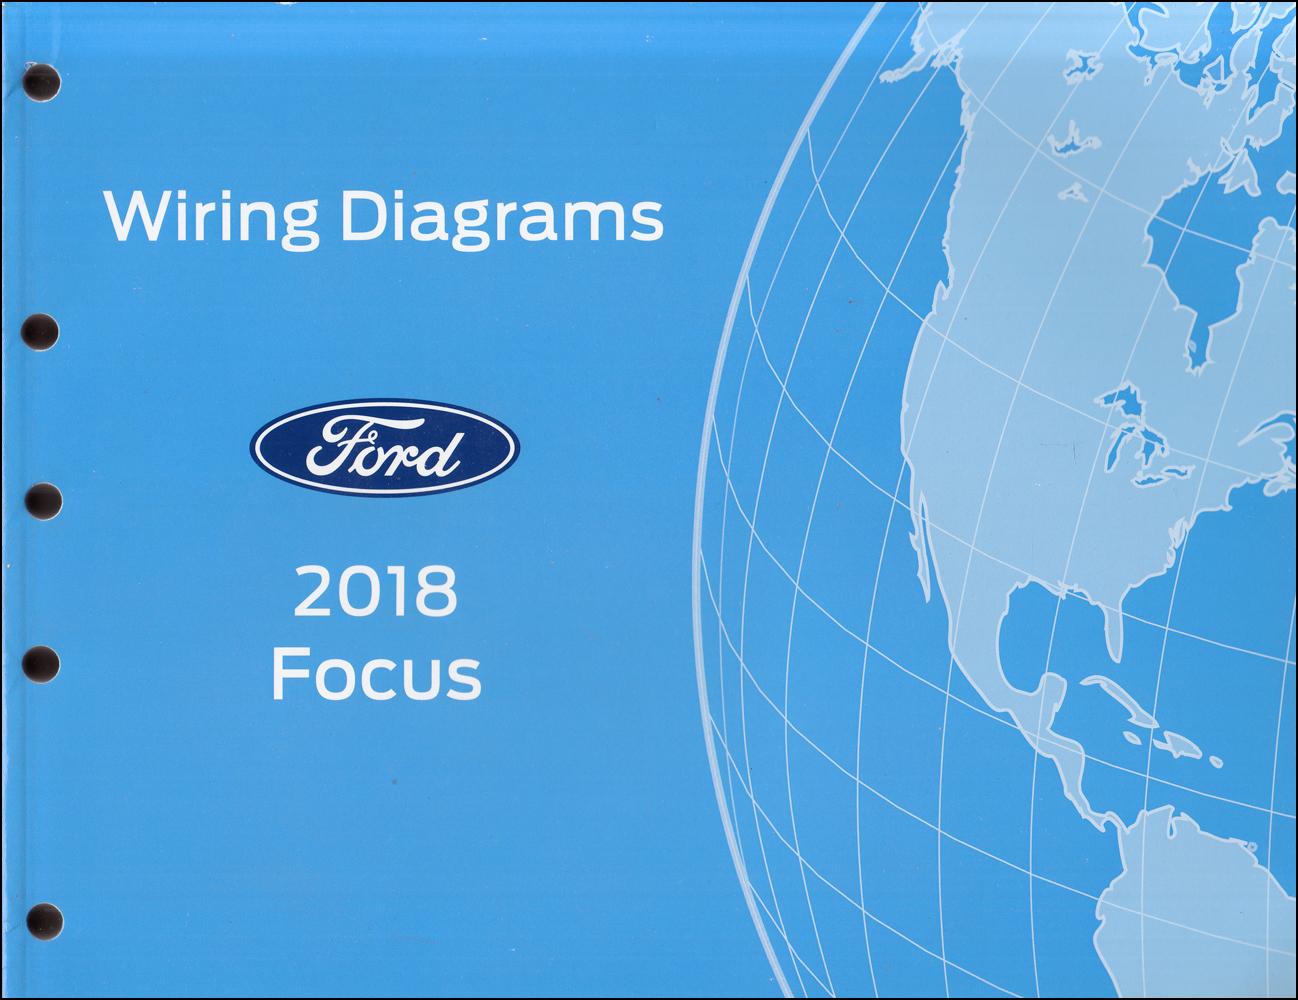 2018 Ford Focus Wiring Diagram Manual Original Gasoline Models